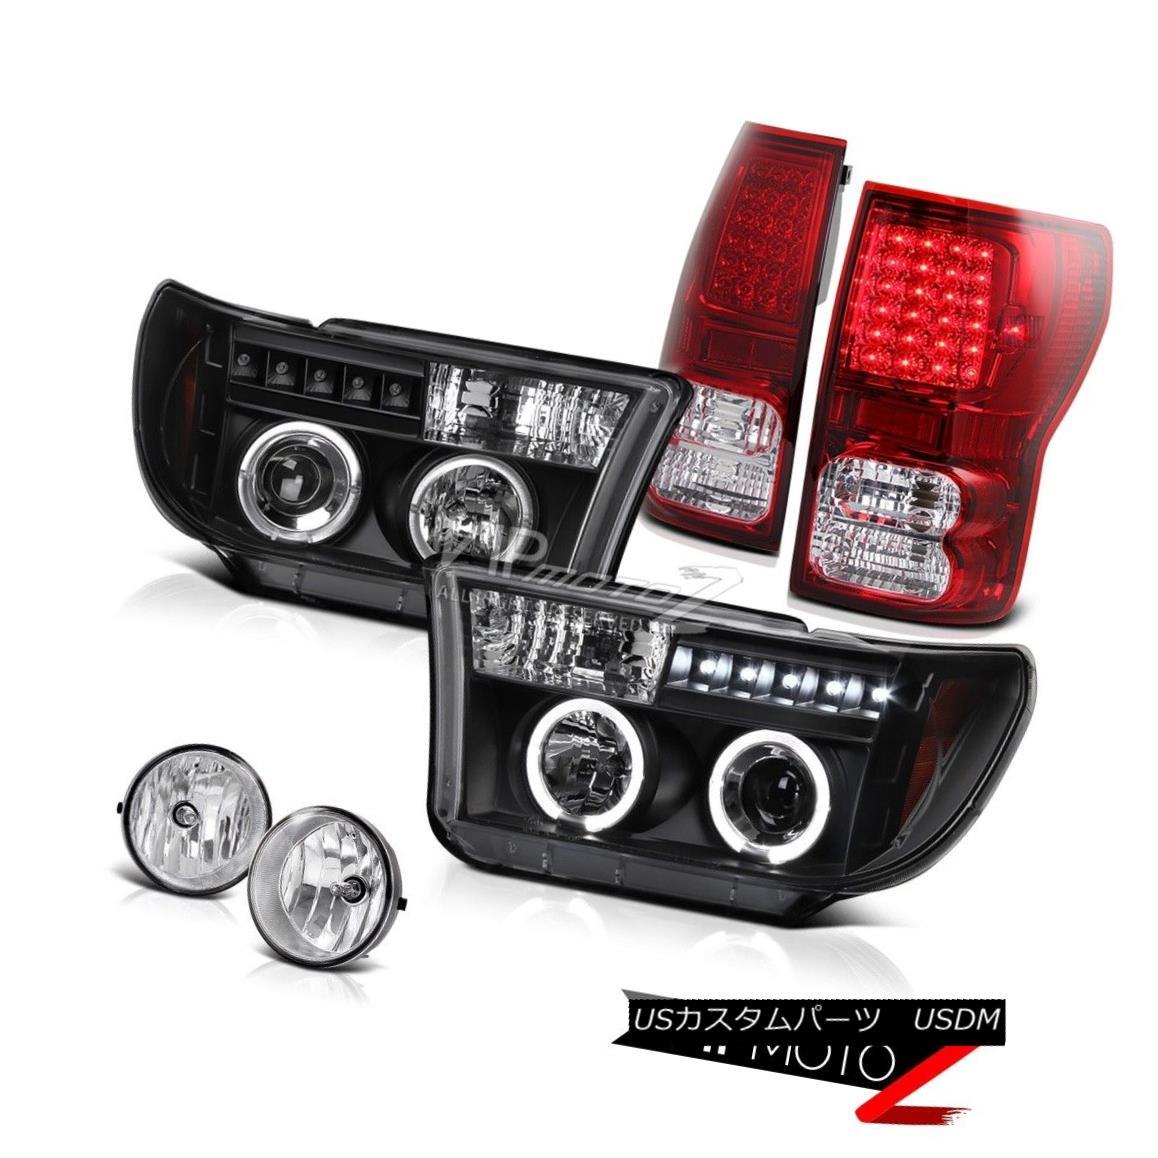 テールライト 2007-2013 TUNDRA V8 SR5 Halo Projector Headlight+Led Tail Light+Fog Lamp 2007年?2013年TUNDRA V8 SR5ハロープロジェクターヘッドライト+ Ledテールライト+フォグランプ